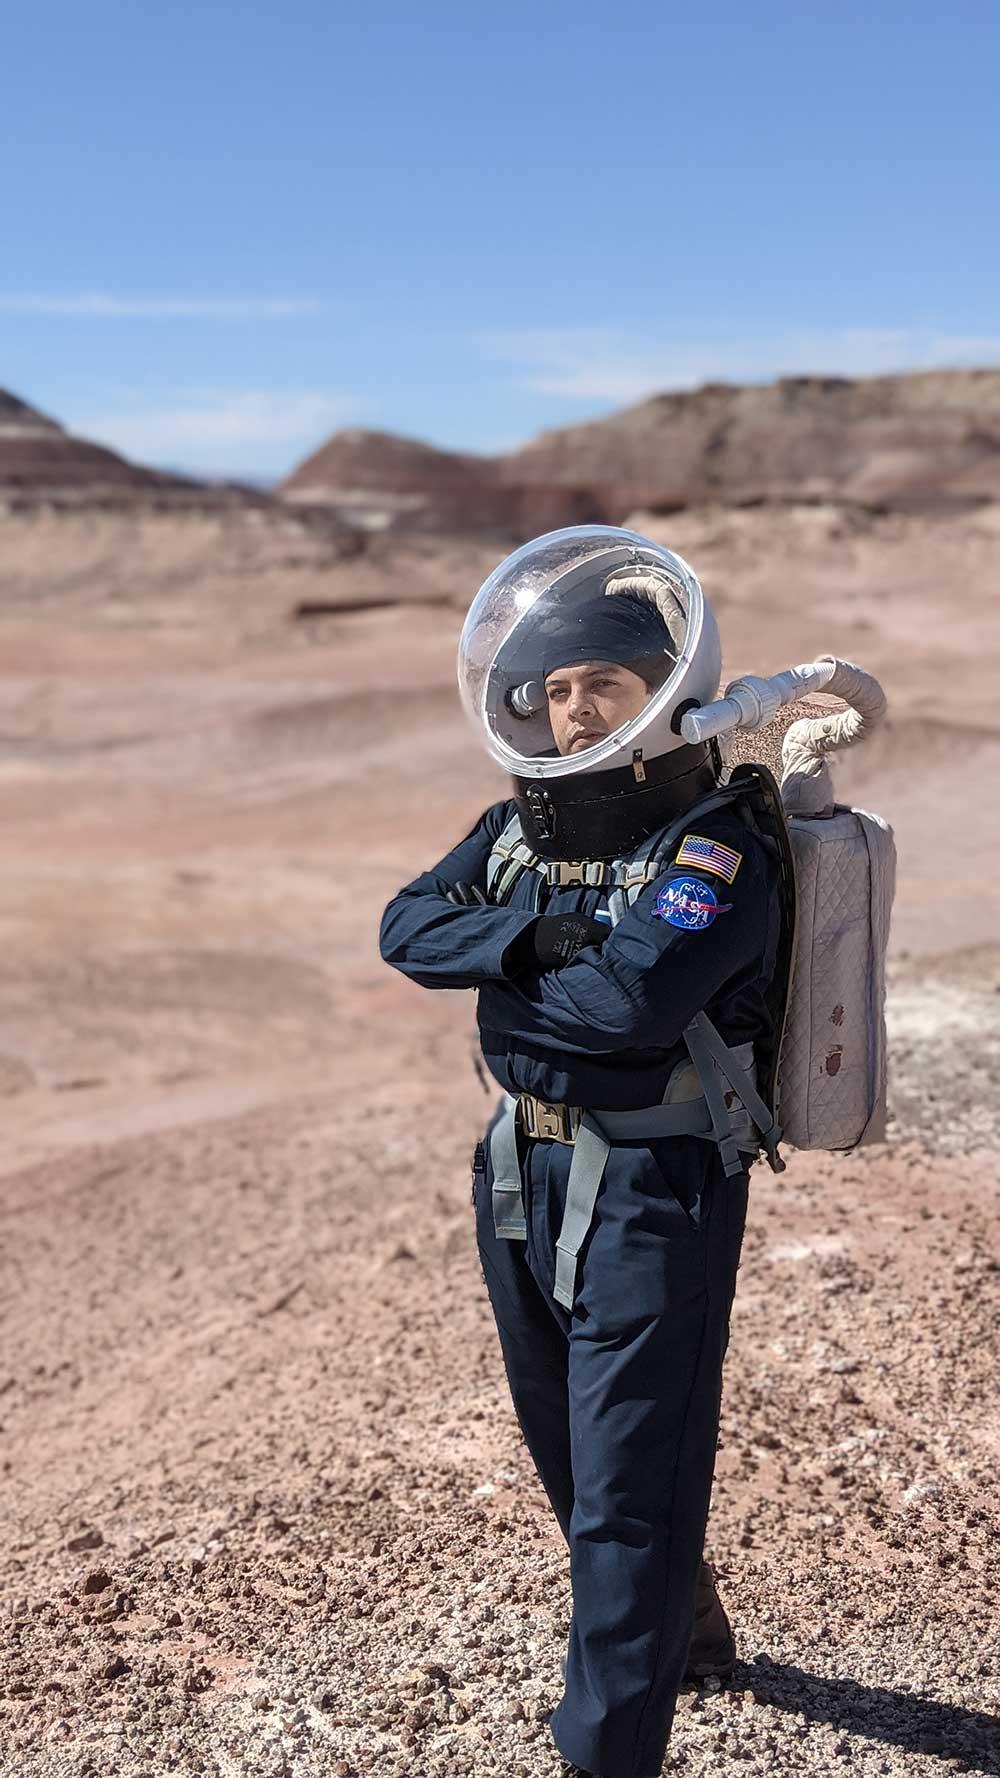 Julio Hernandez is investigating growing food in space